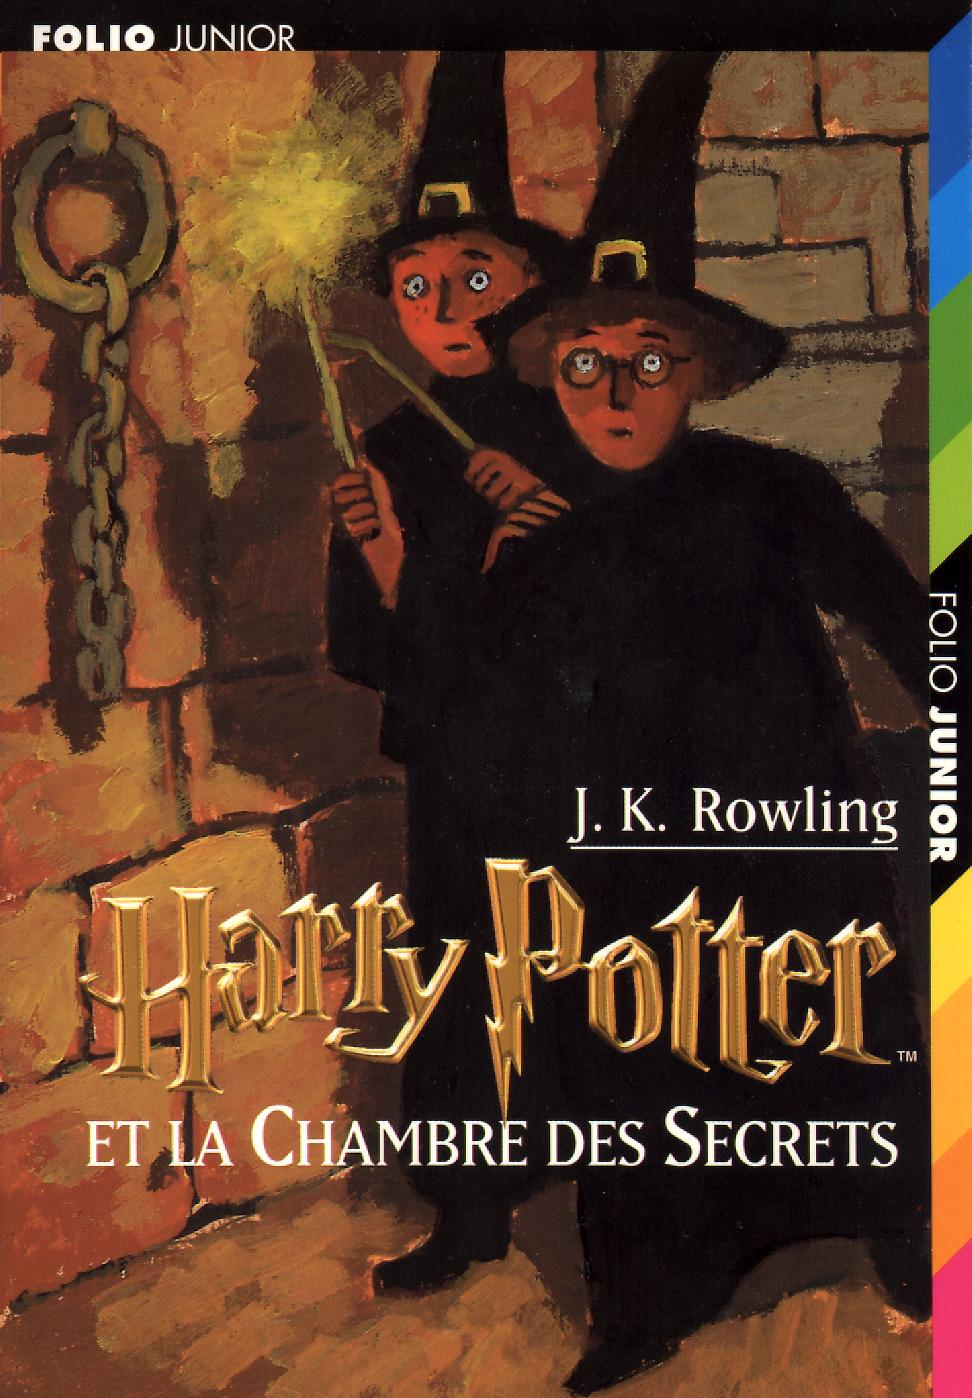 Fichier couverture hp2 fr folio1 jpg wiki harry potter - La chambre des officiers analyse du livre ...